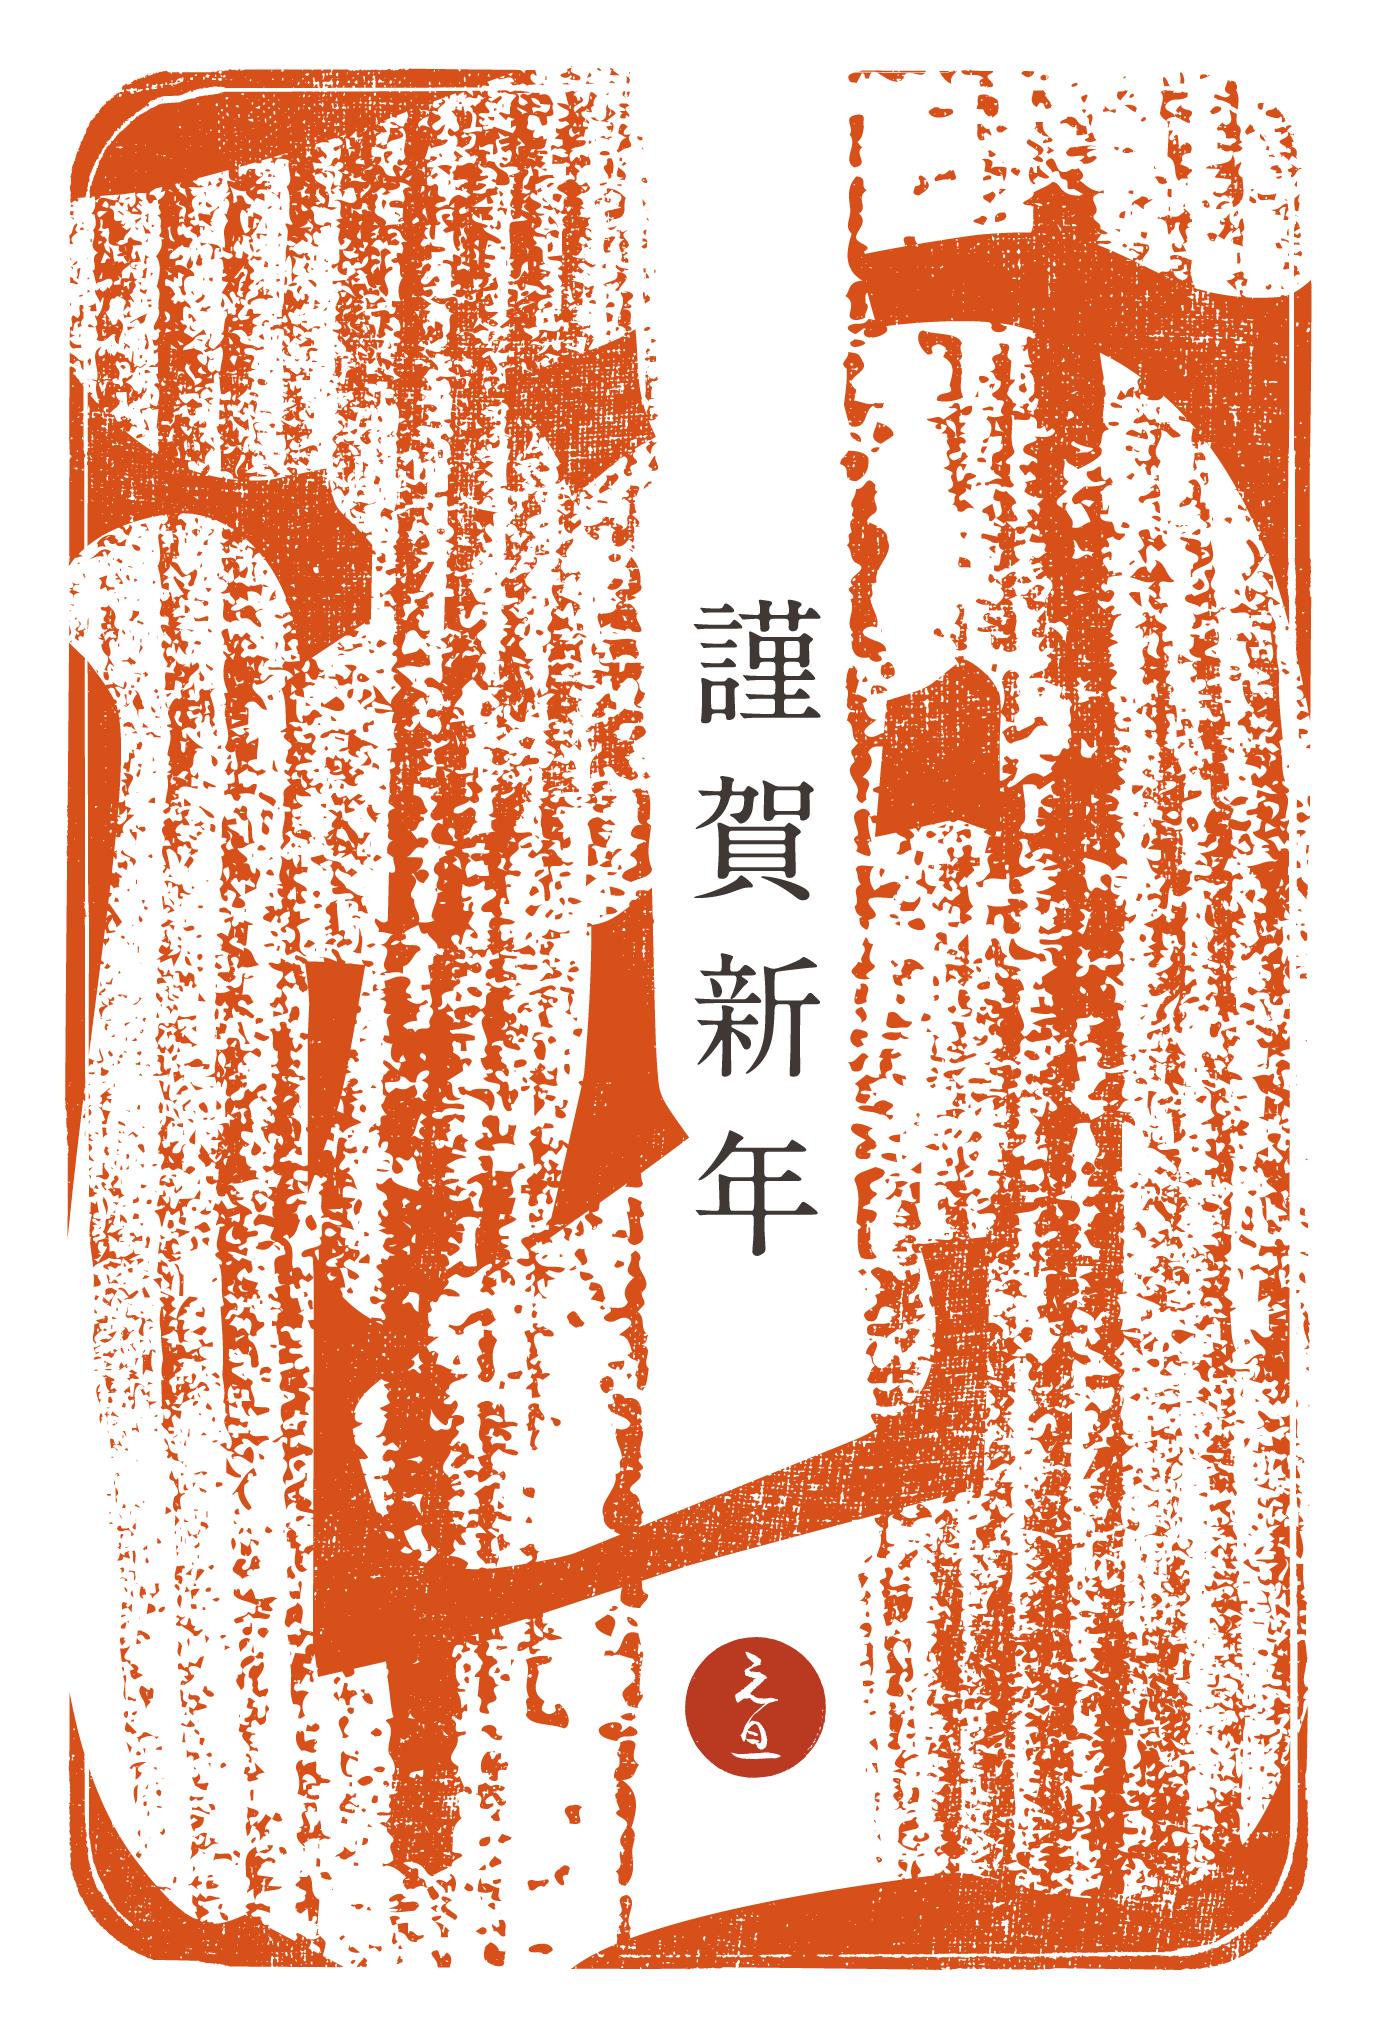 2017年賀状03-3:江戸勘亭流(酉)緋色のダウンロード画像